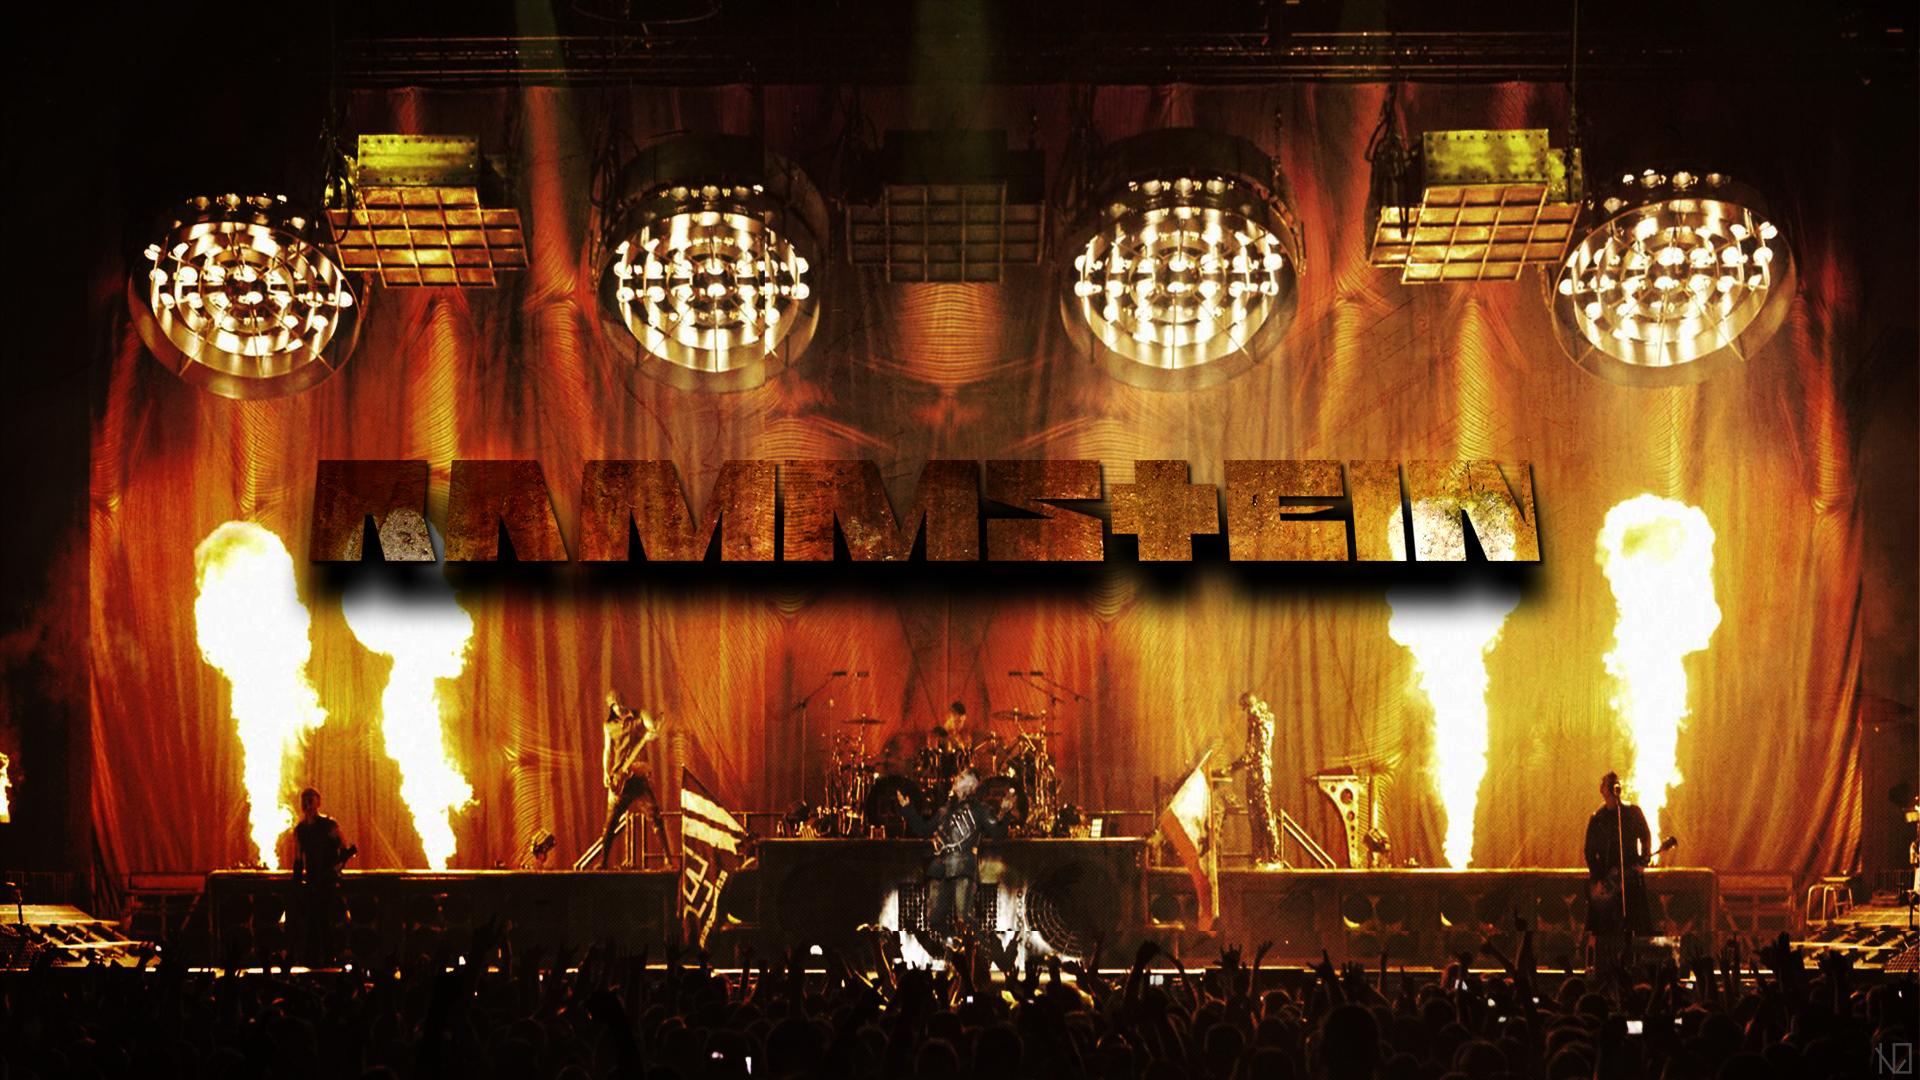 Rammstein Live Wallpaper By Rkruspe On Deviantart